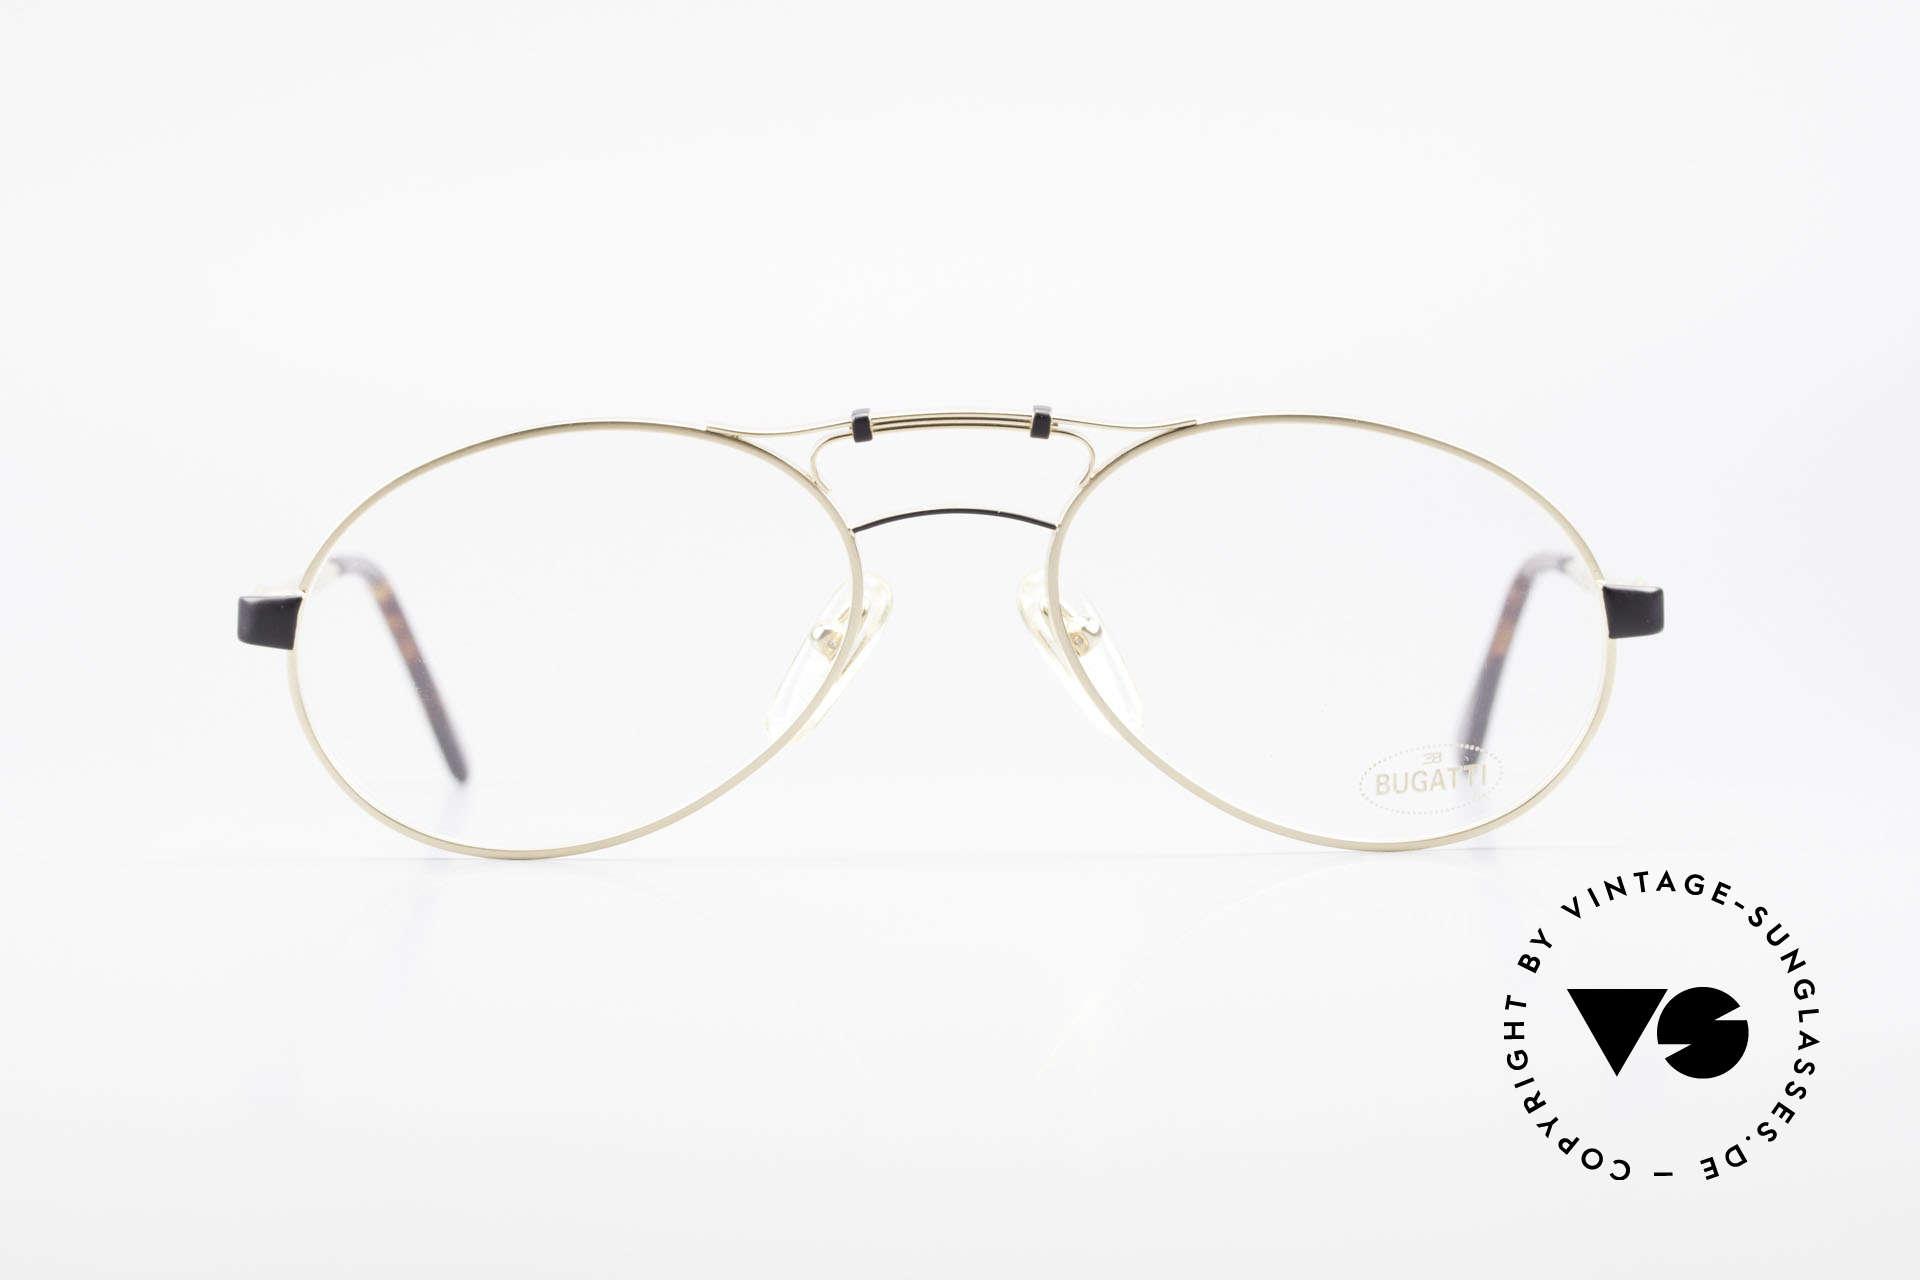 Bugatti 13411 Vintage Men's Eyeglass Frame, utterly high-grade finish in matt gold and matt black, Made for Men